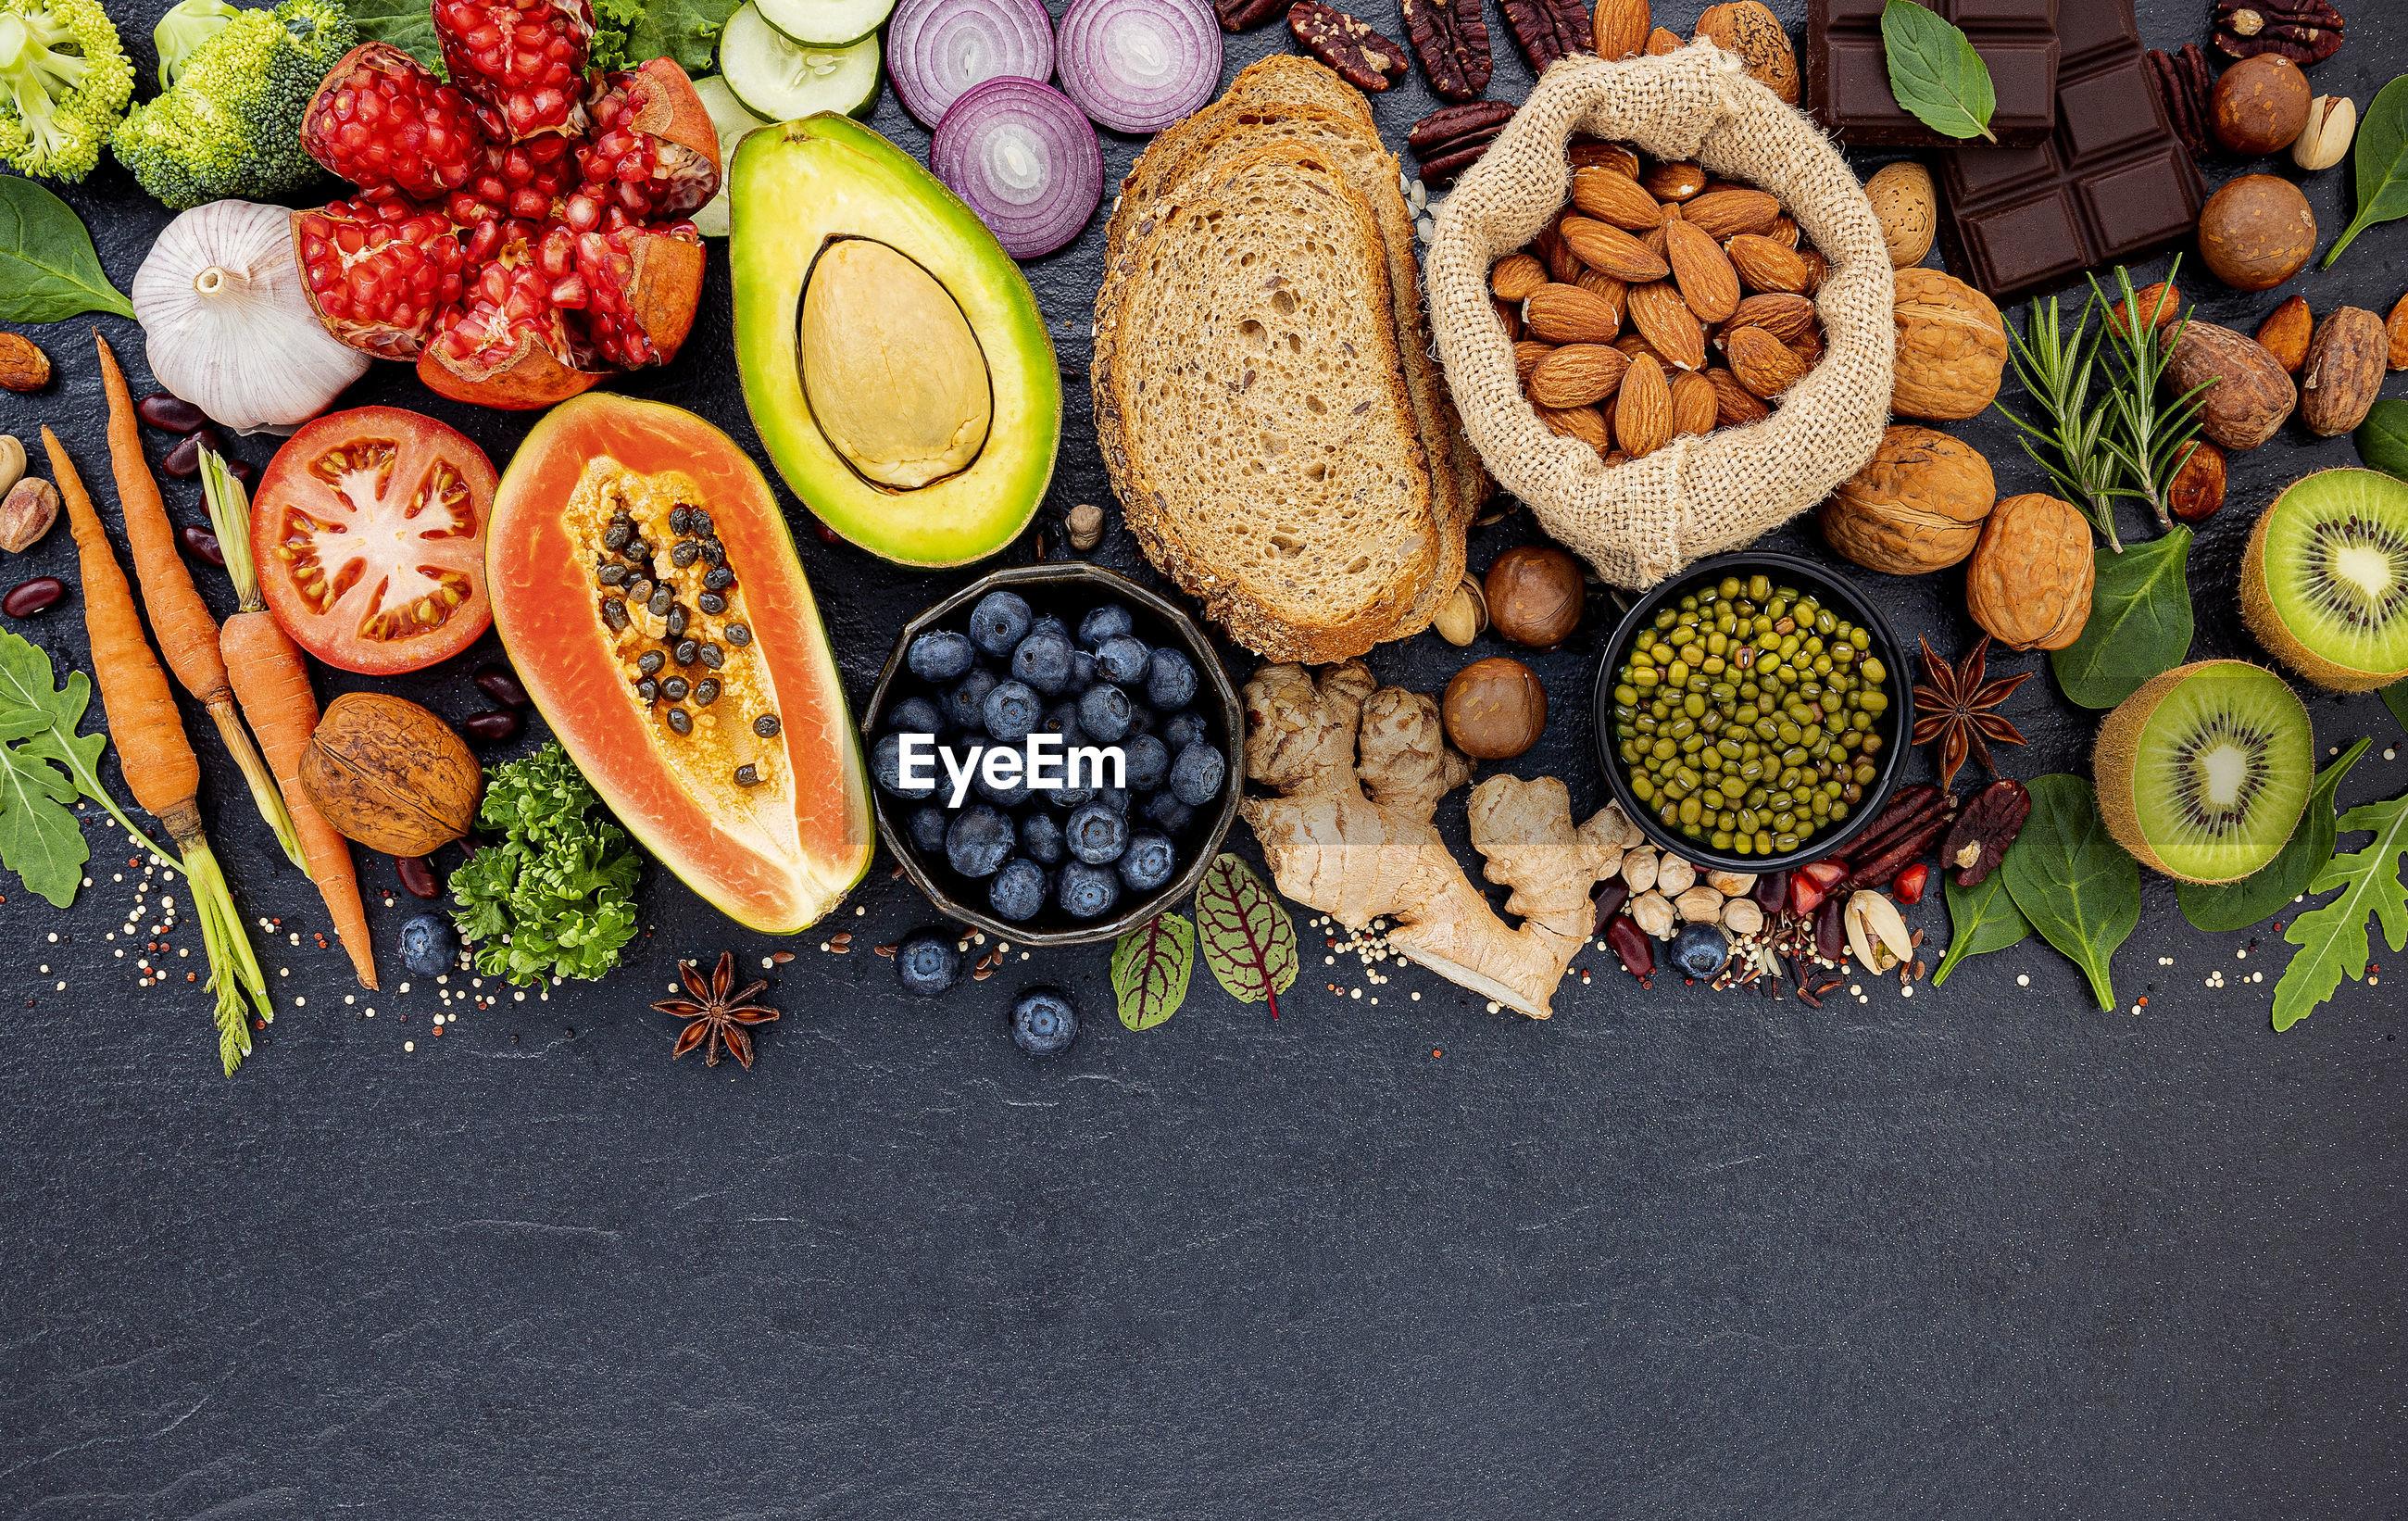 HIGH ANGLE VIEW OF FRUITS ON DISPLAY